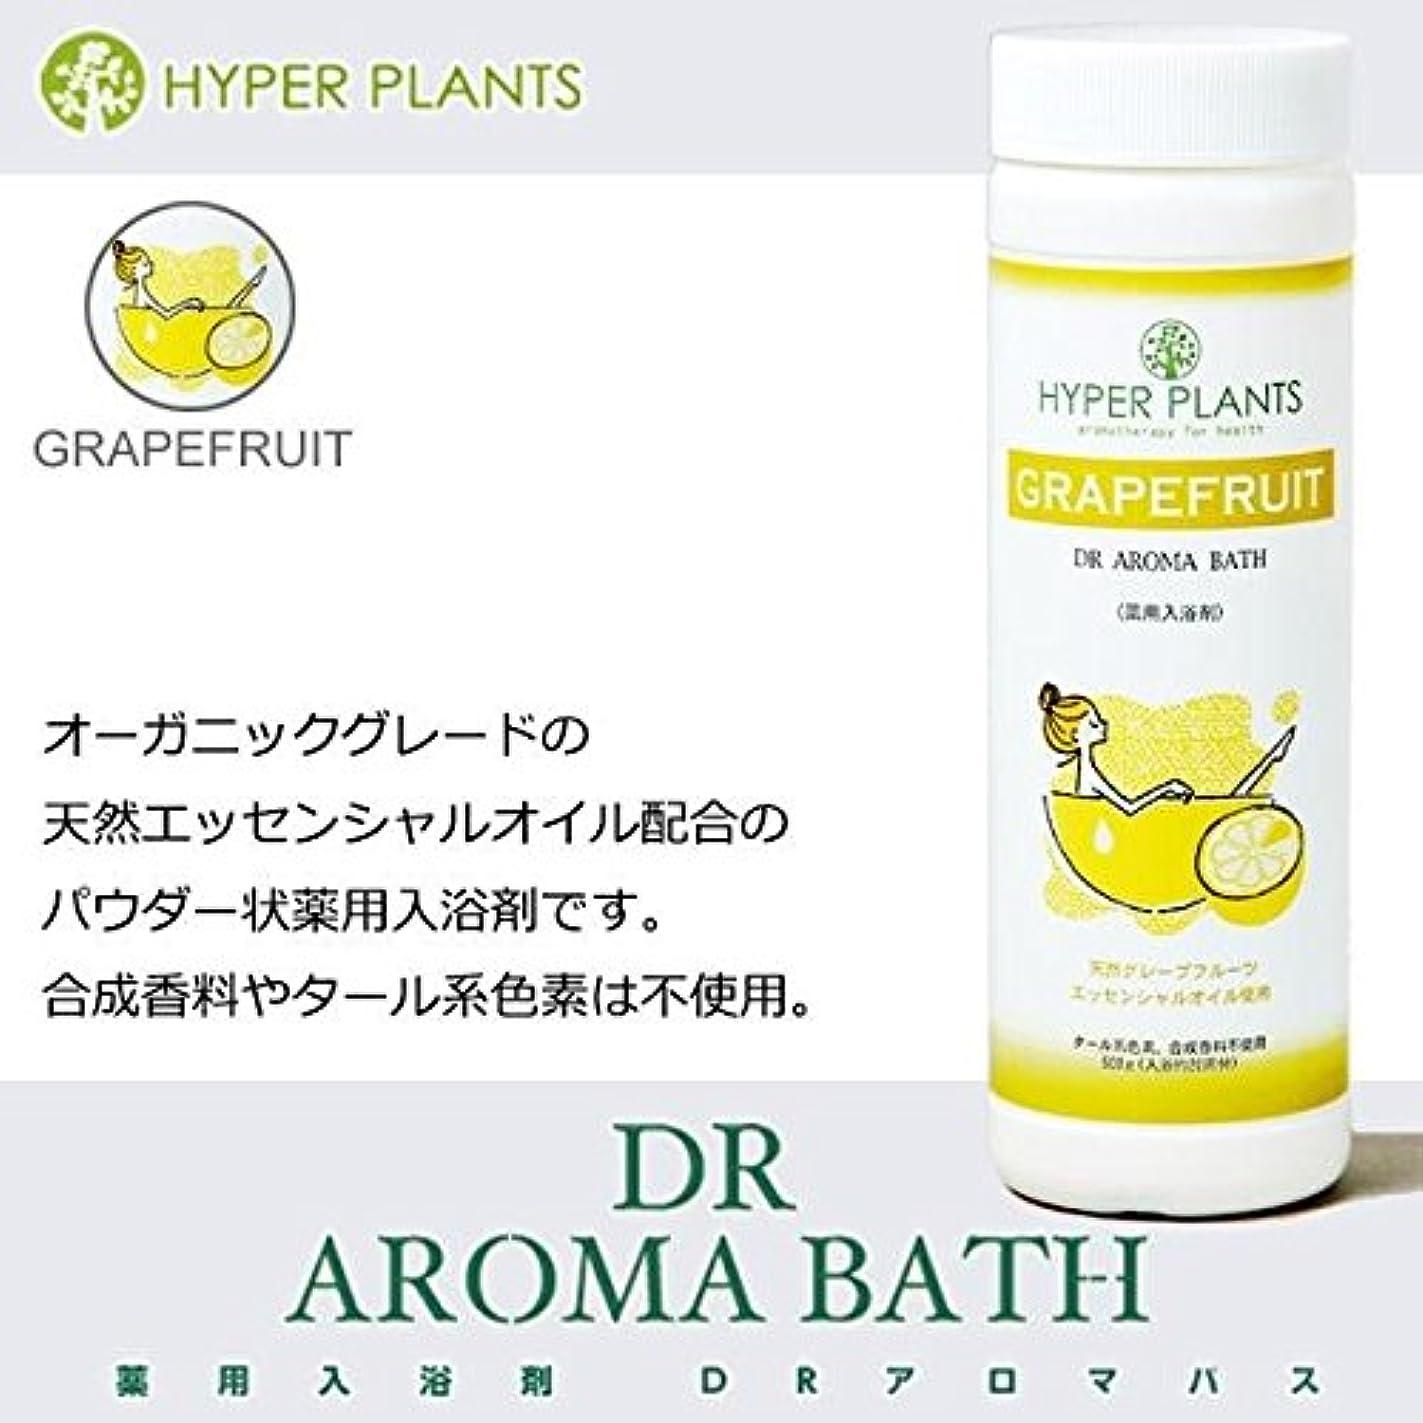 現金郵便屋さん地域医薬部外品 薬用入浴剤 ハイパープランツ(HYPER PLANTS) DRアロマバス グレープフルーツ 500g HN0210